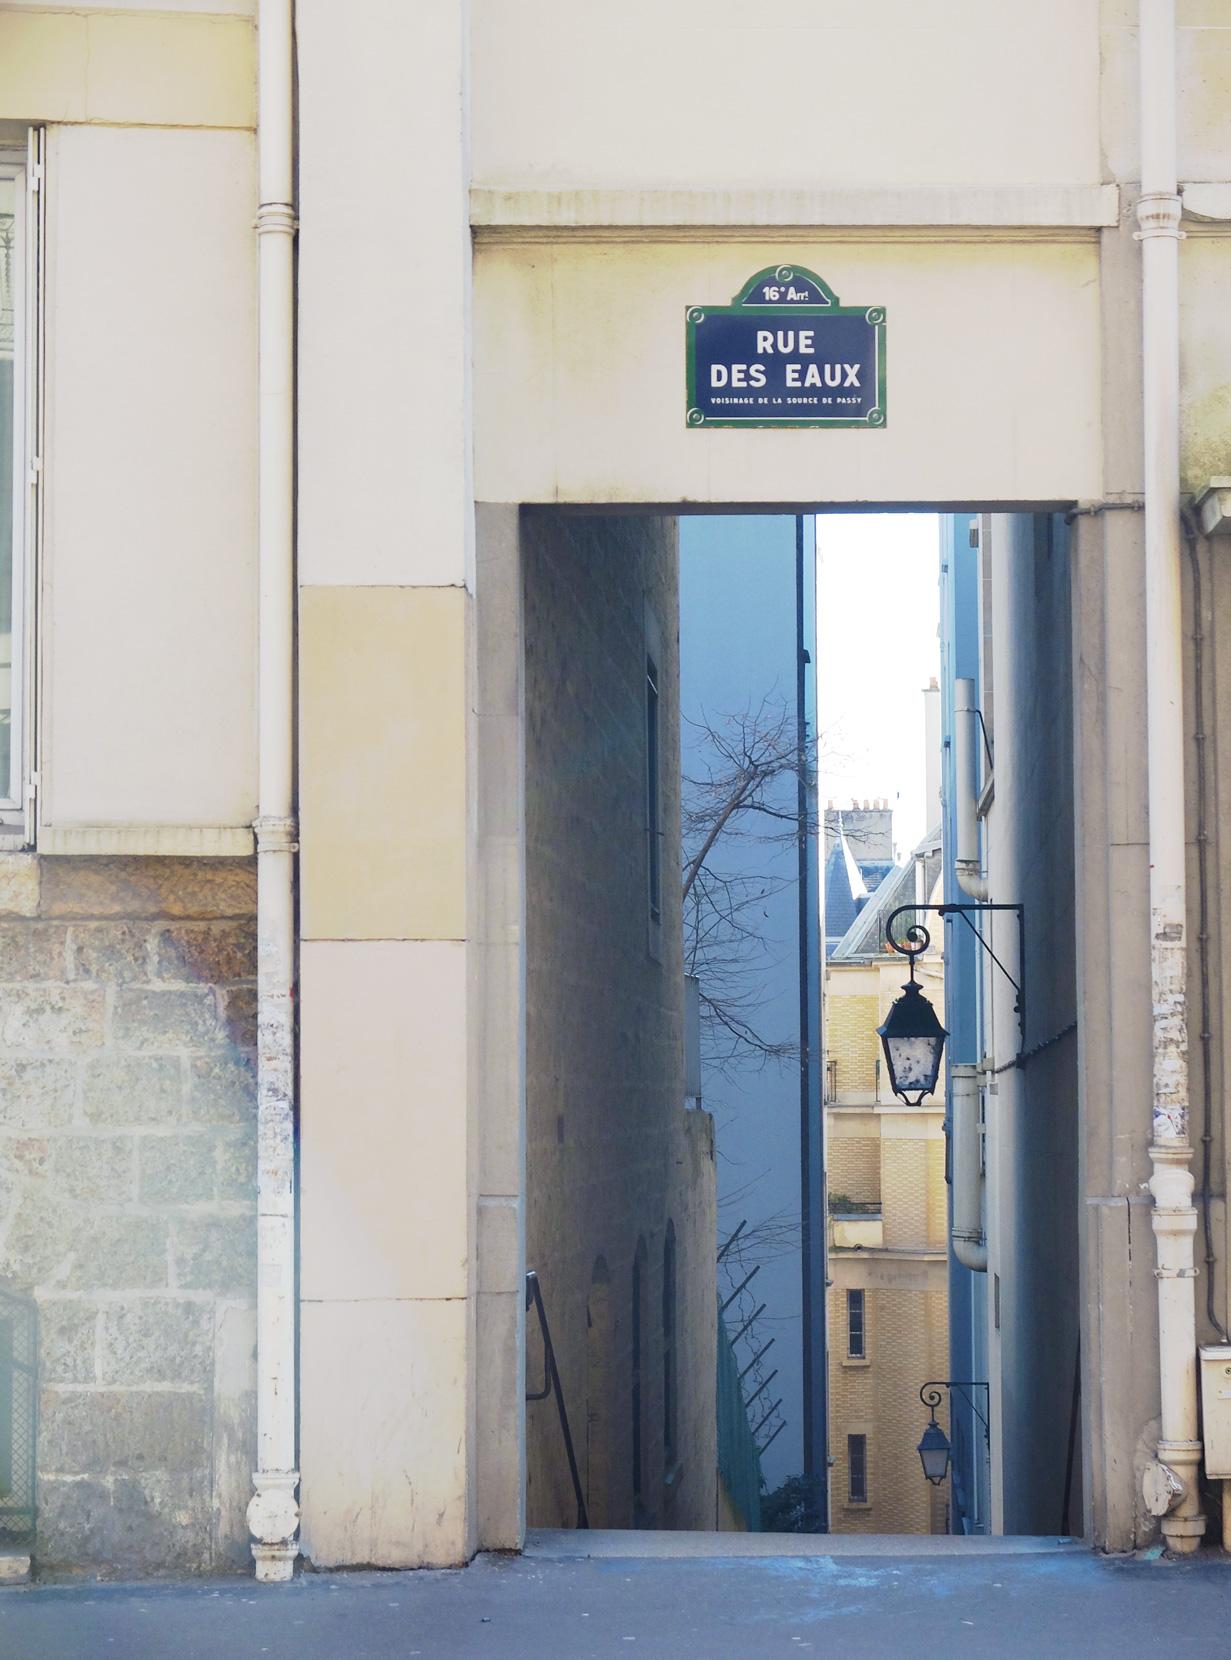 rue-des-eaux1